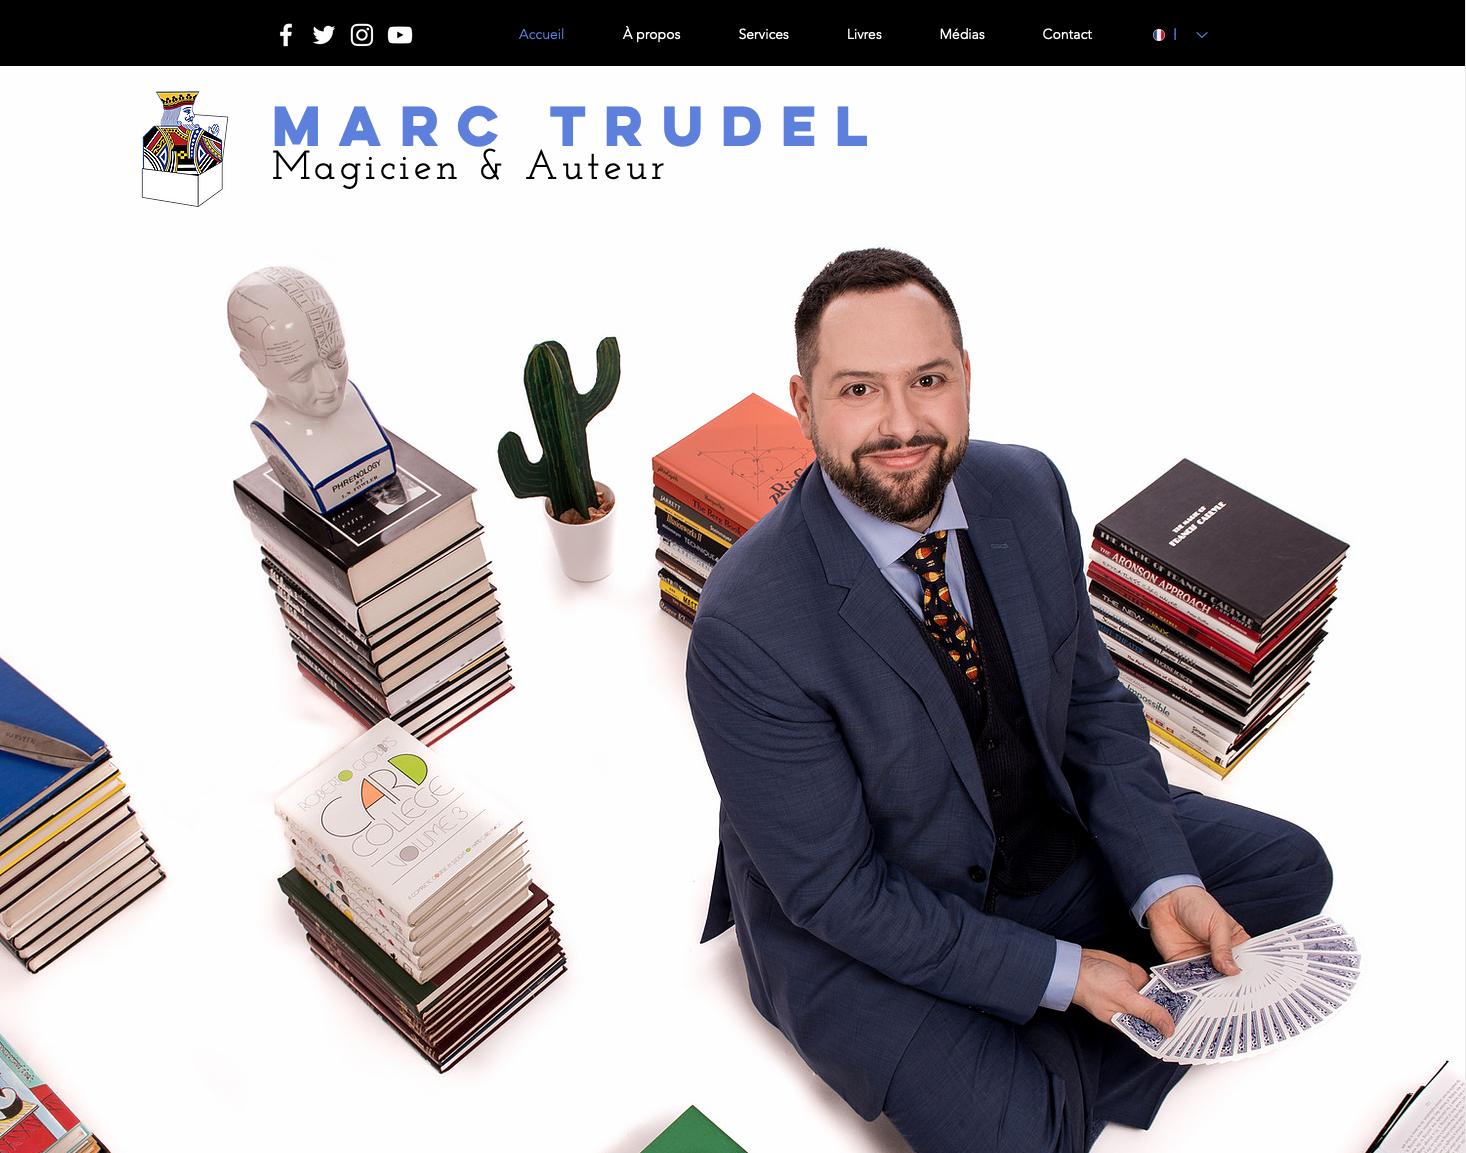 Site web - Marc Trudel Magicien